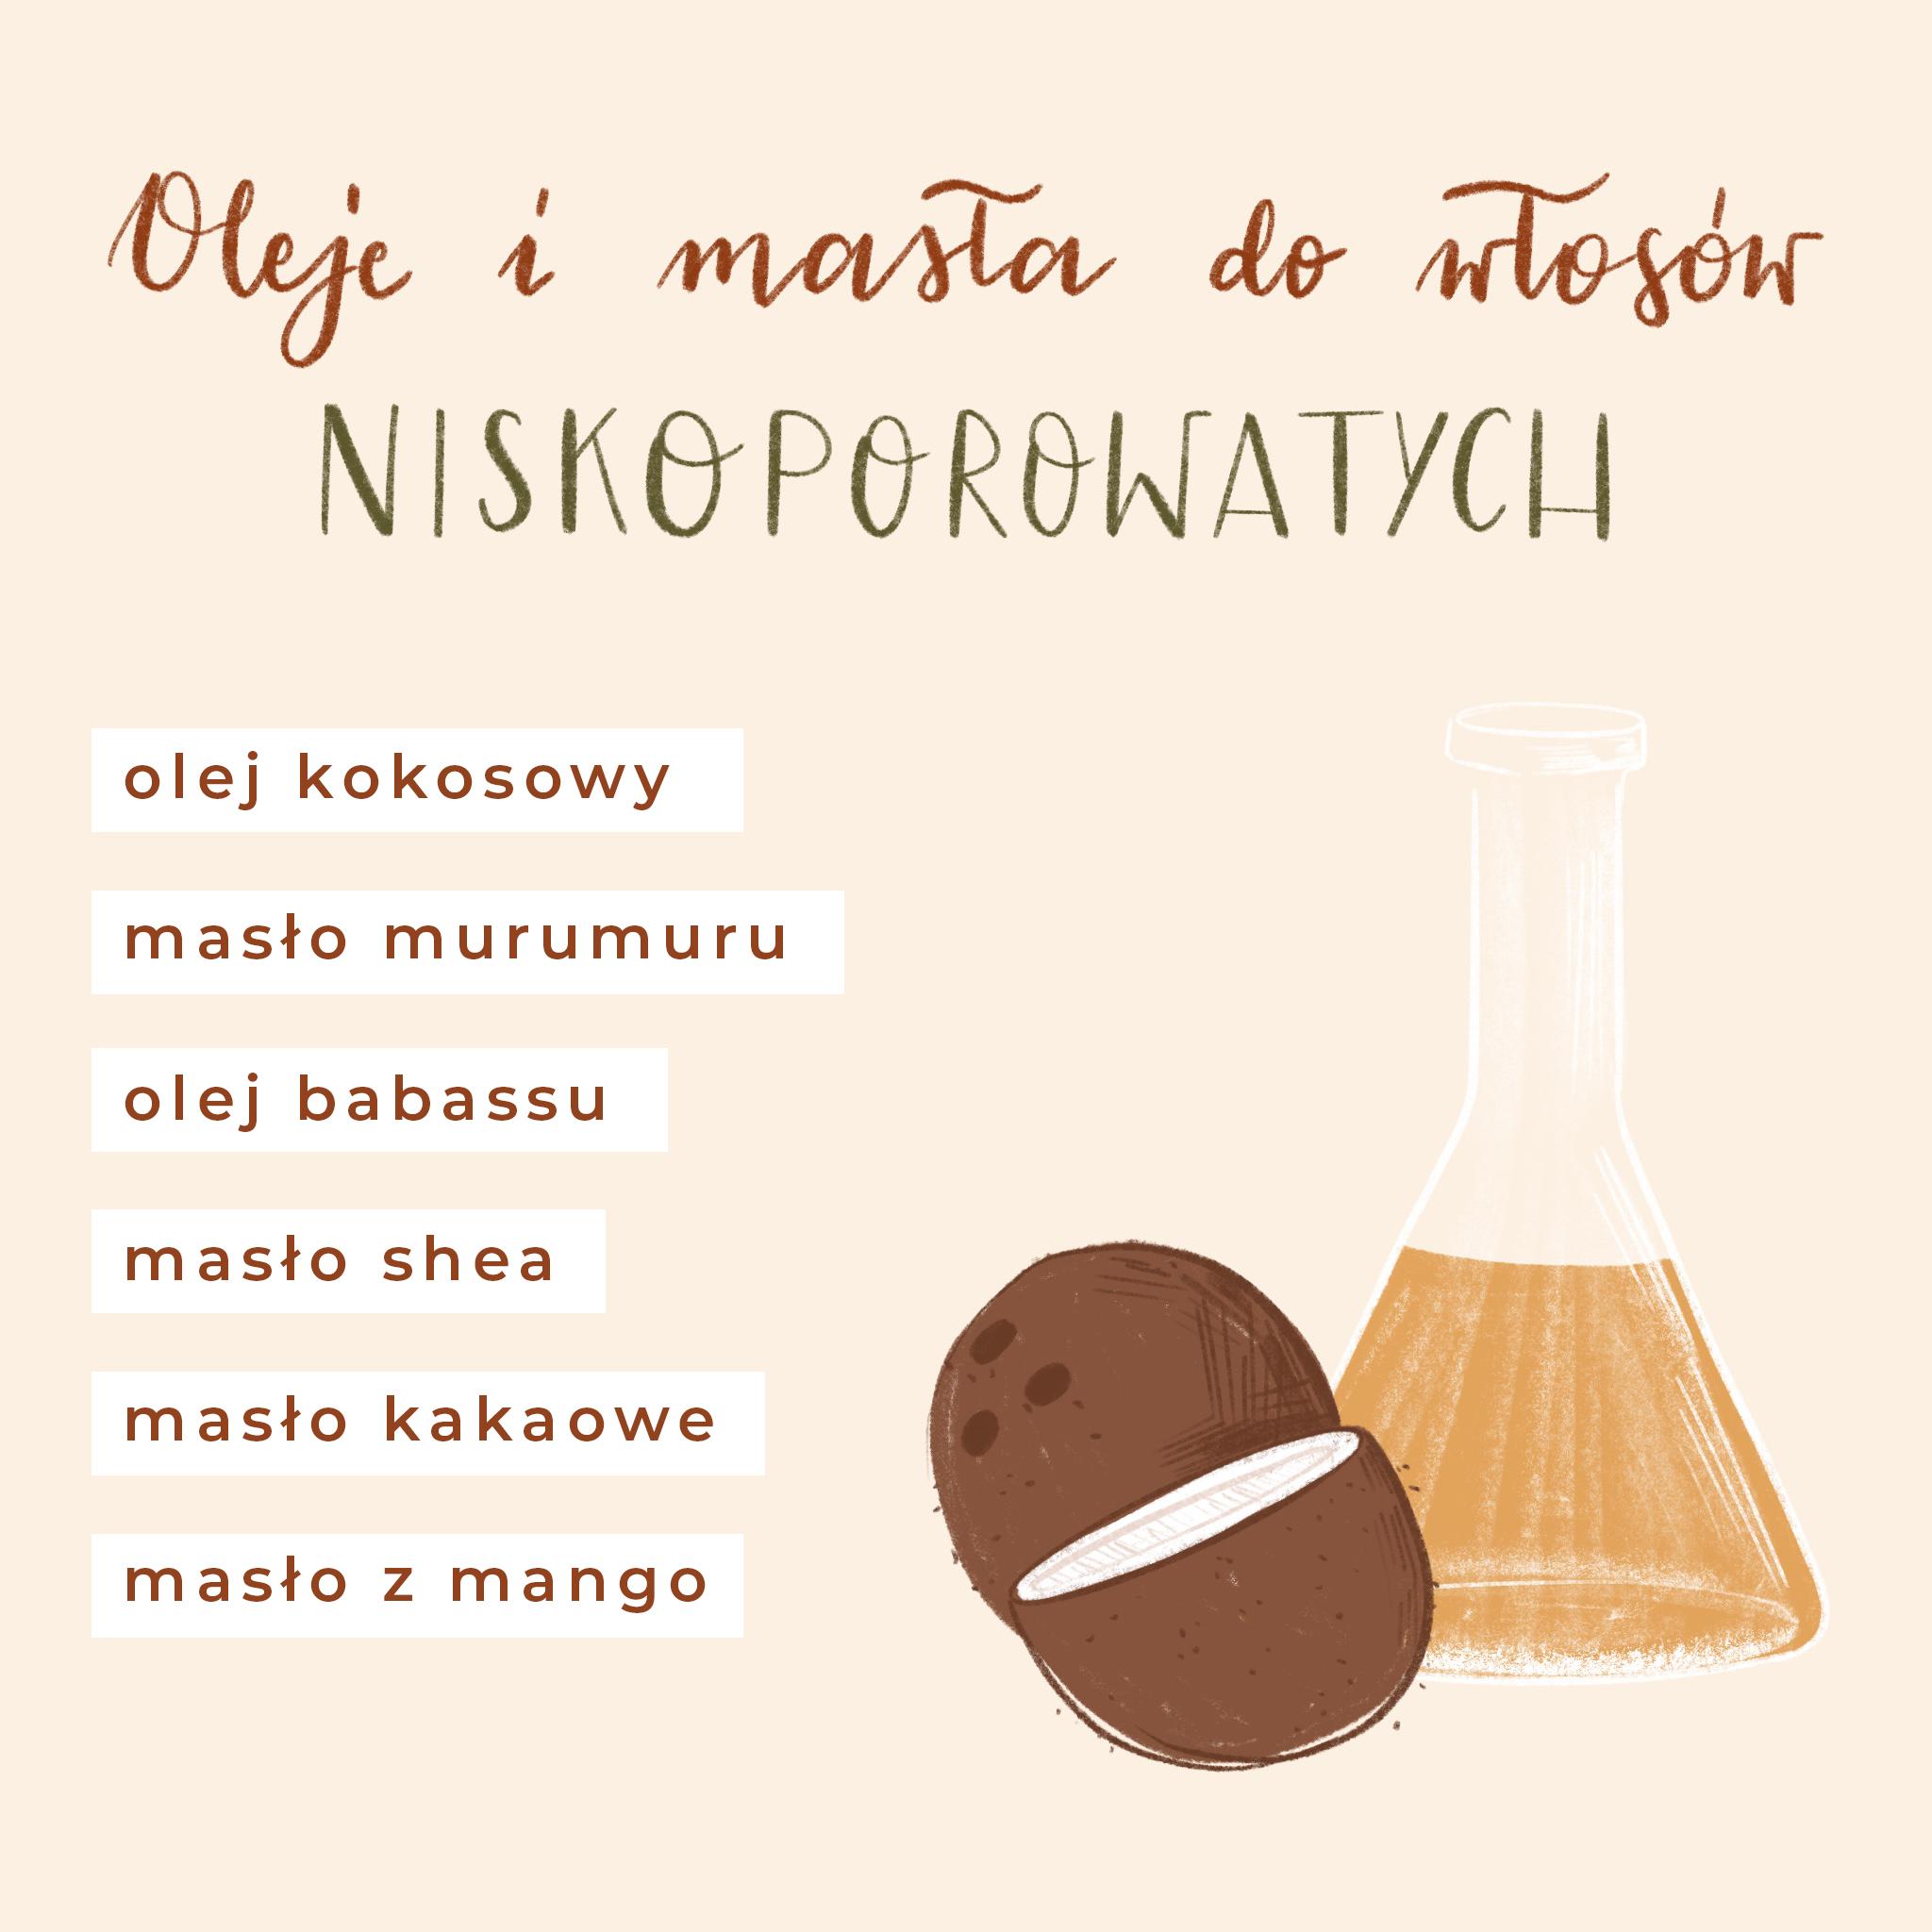 oleje i masła do włosów niskoporowatych, olej kokosowy, olej murumuru, olej babassu, masło shea, masło z mango, masło kakaowe